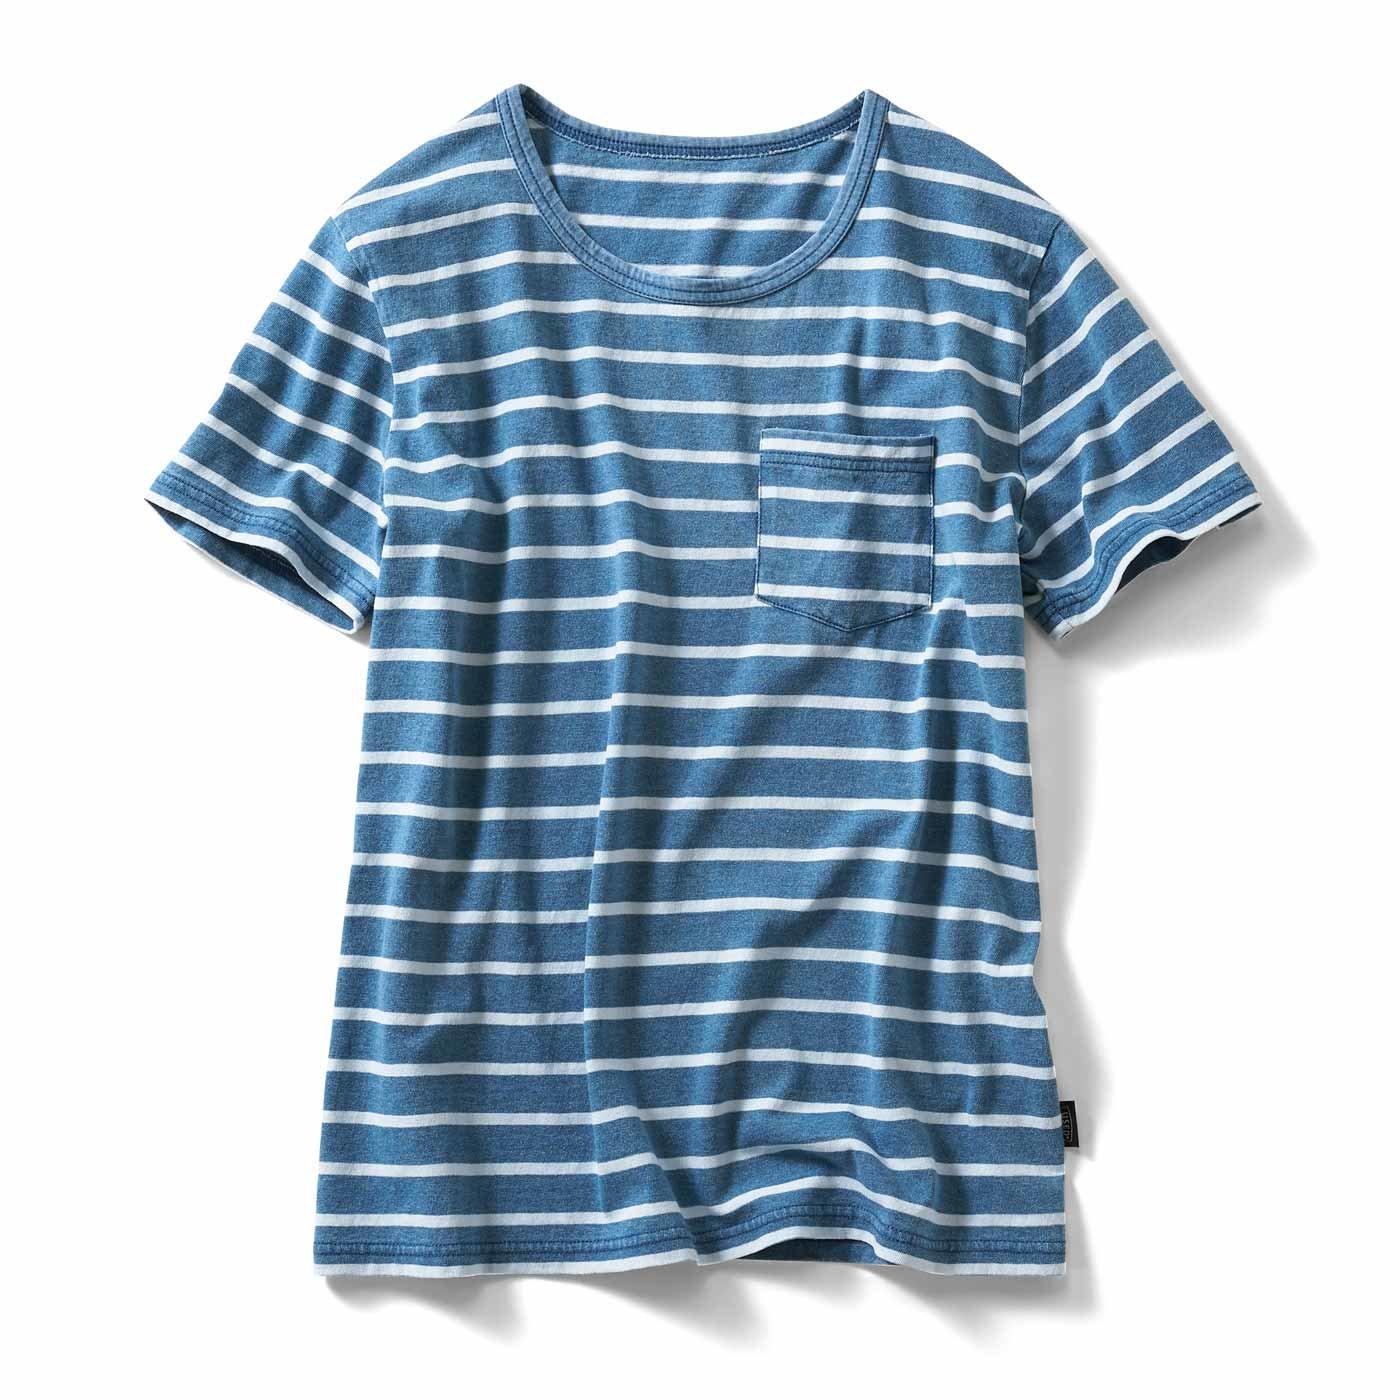 古着屋さんで見つけたような インディゴ染めポケットTシャツの会